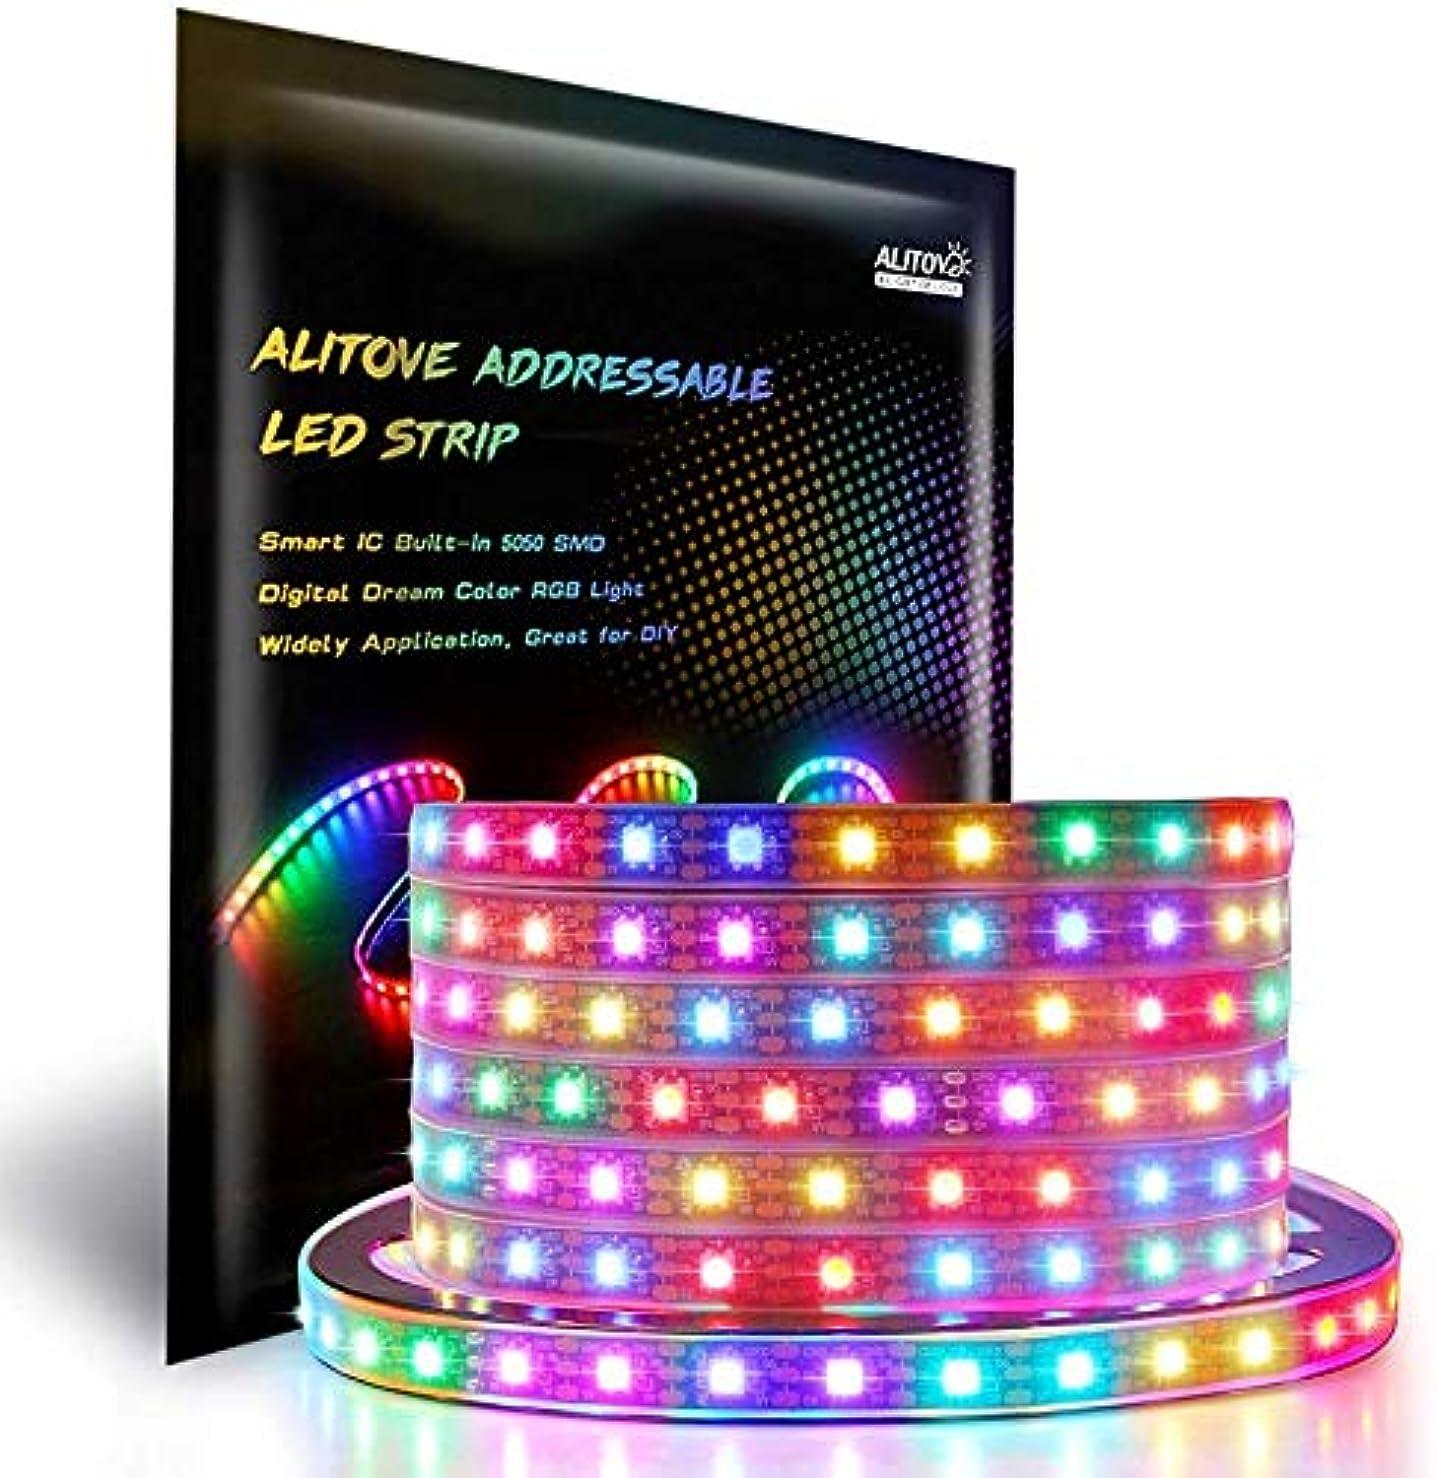 まだら家畜謝罪するALITOVE LEDテープライト WS2812Bアドレス可能 5050RGB SMD 5m 300個ピクセル夢色 防水 黒いベース DC 5V